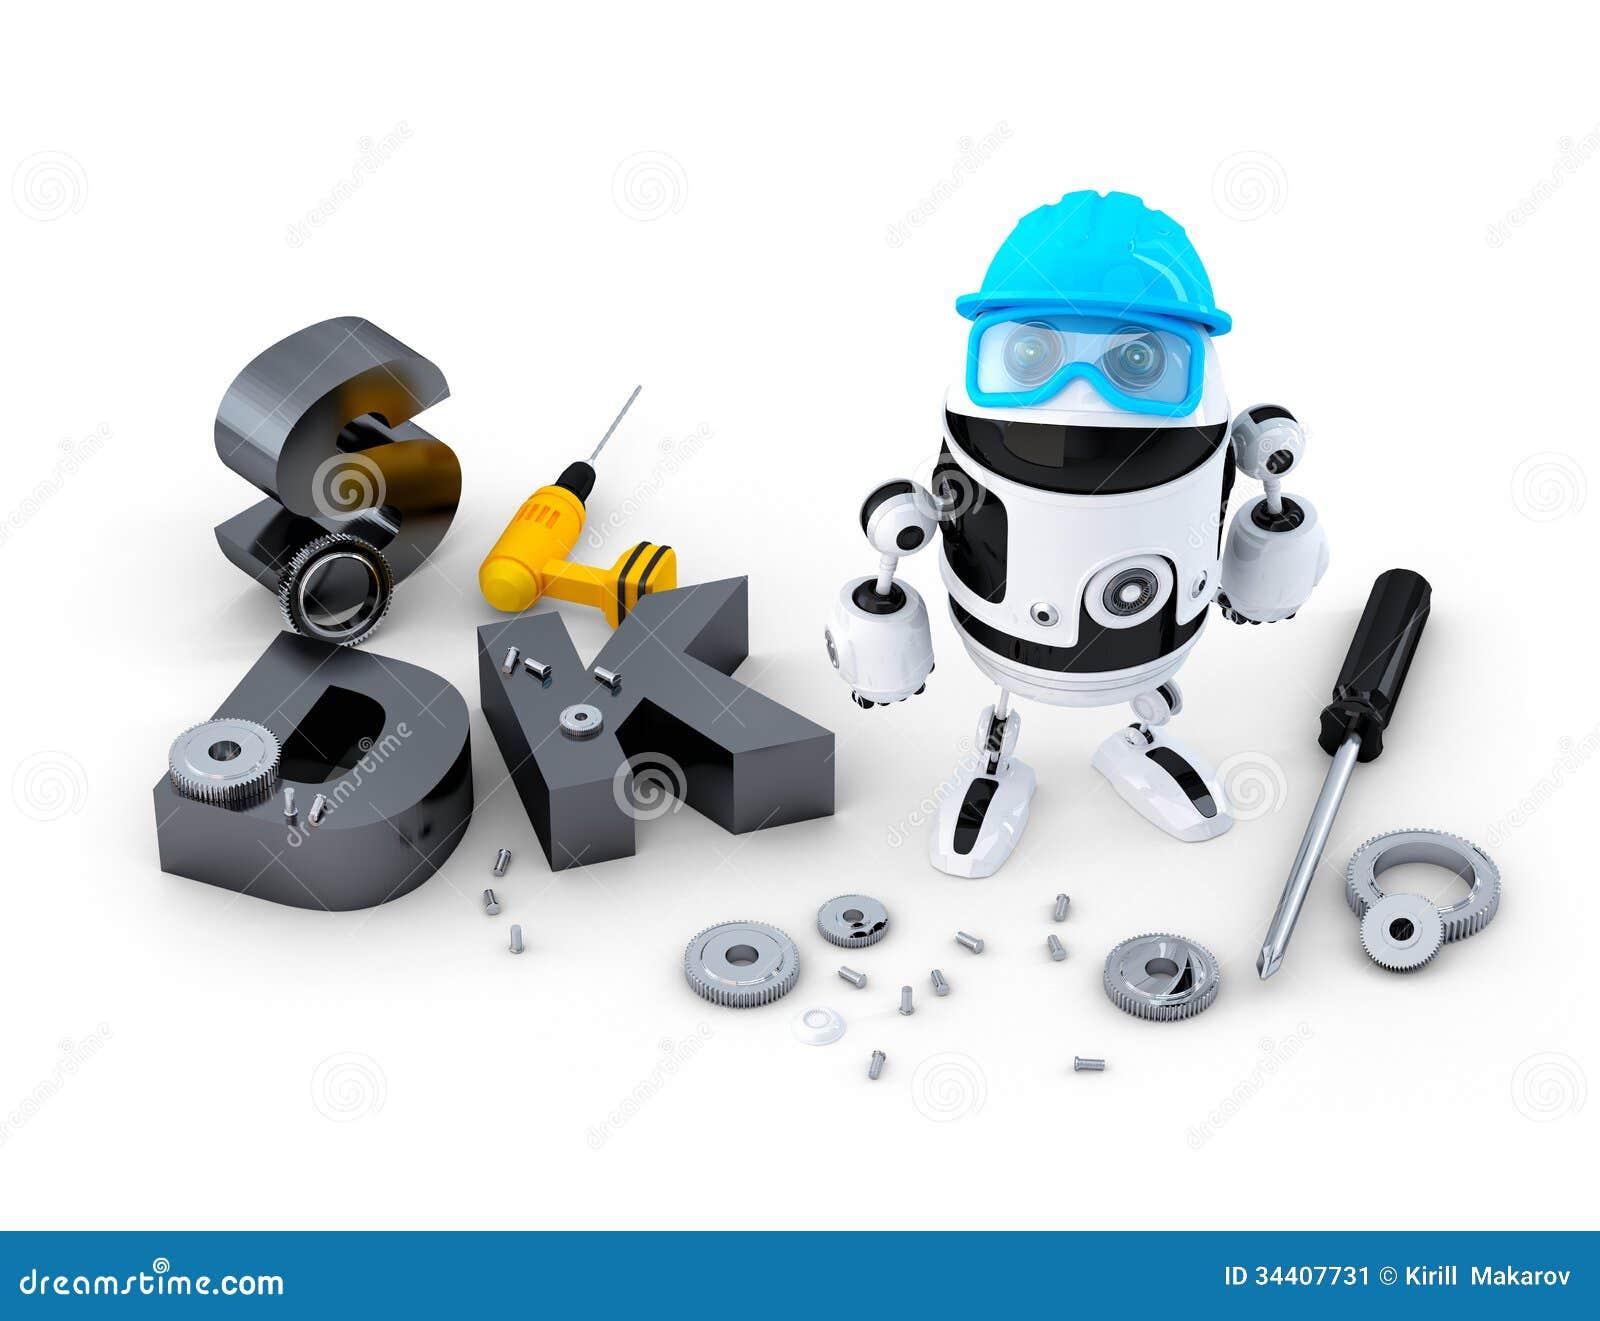 Robot med hjälpmedel och SDK tecknet. Teknologibegrepp